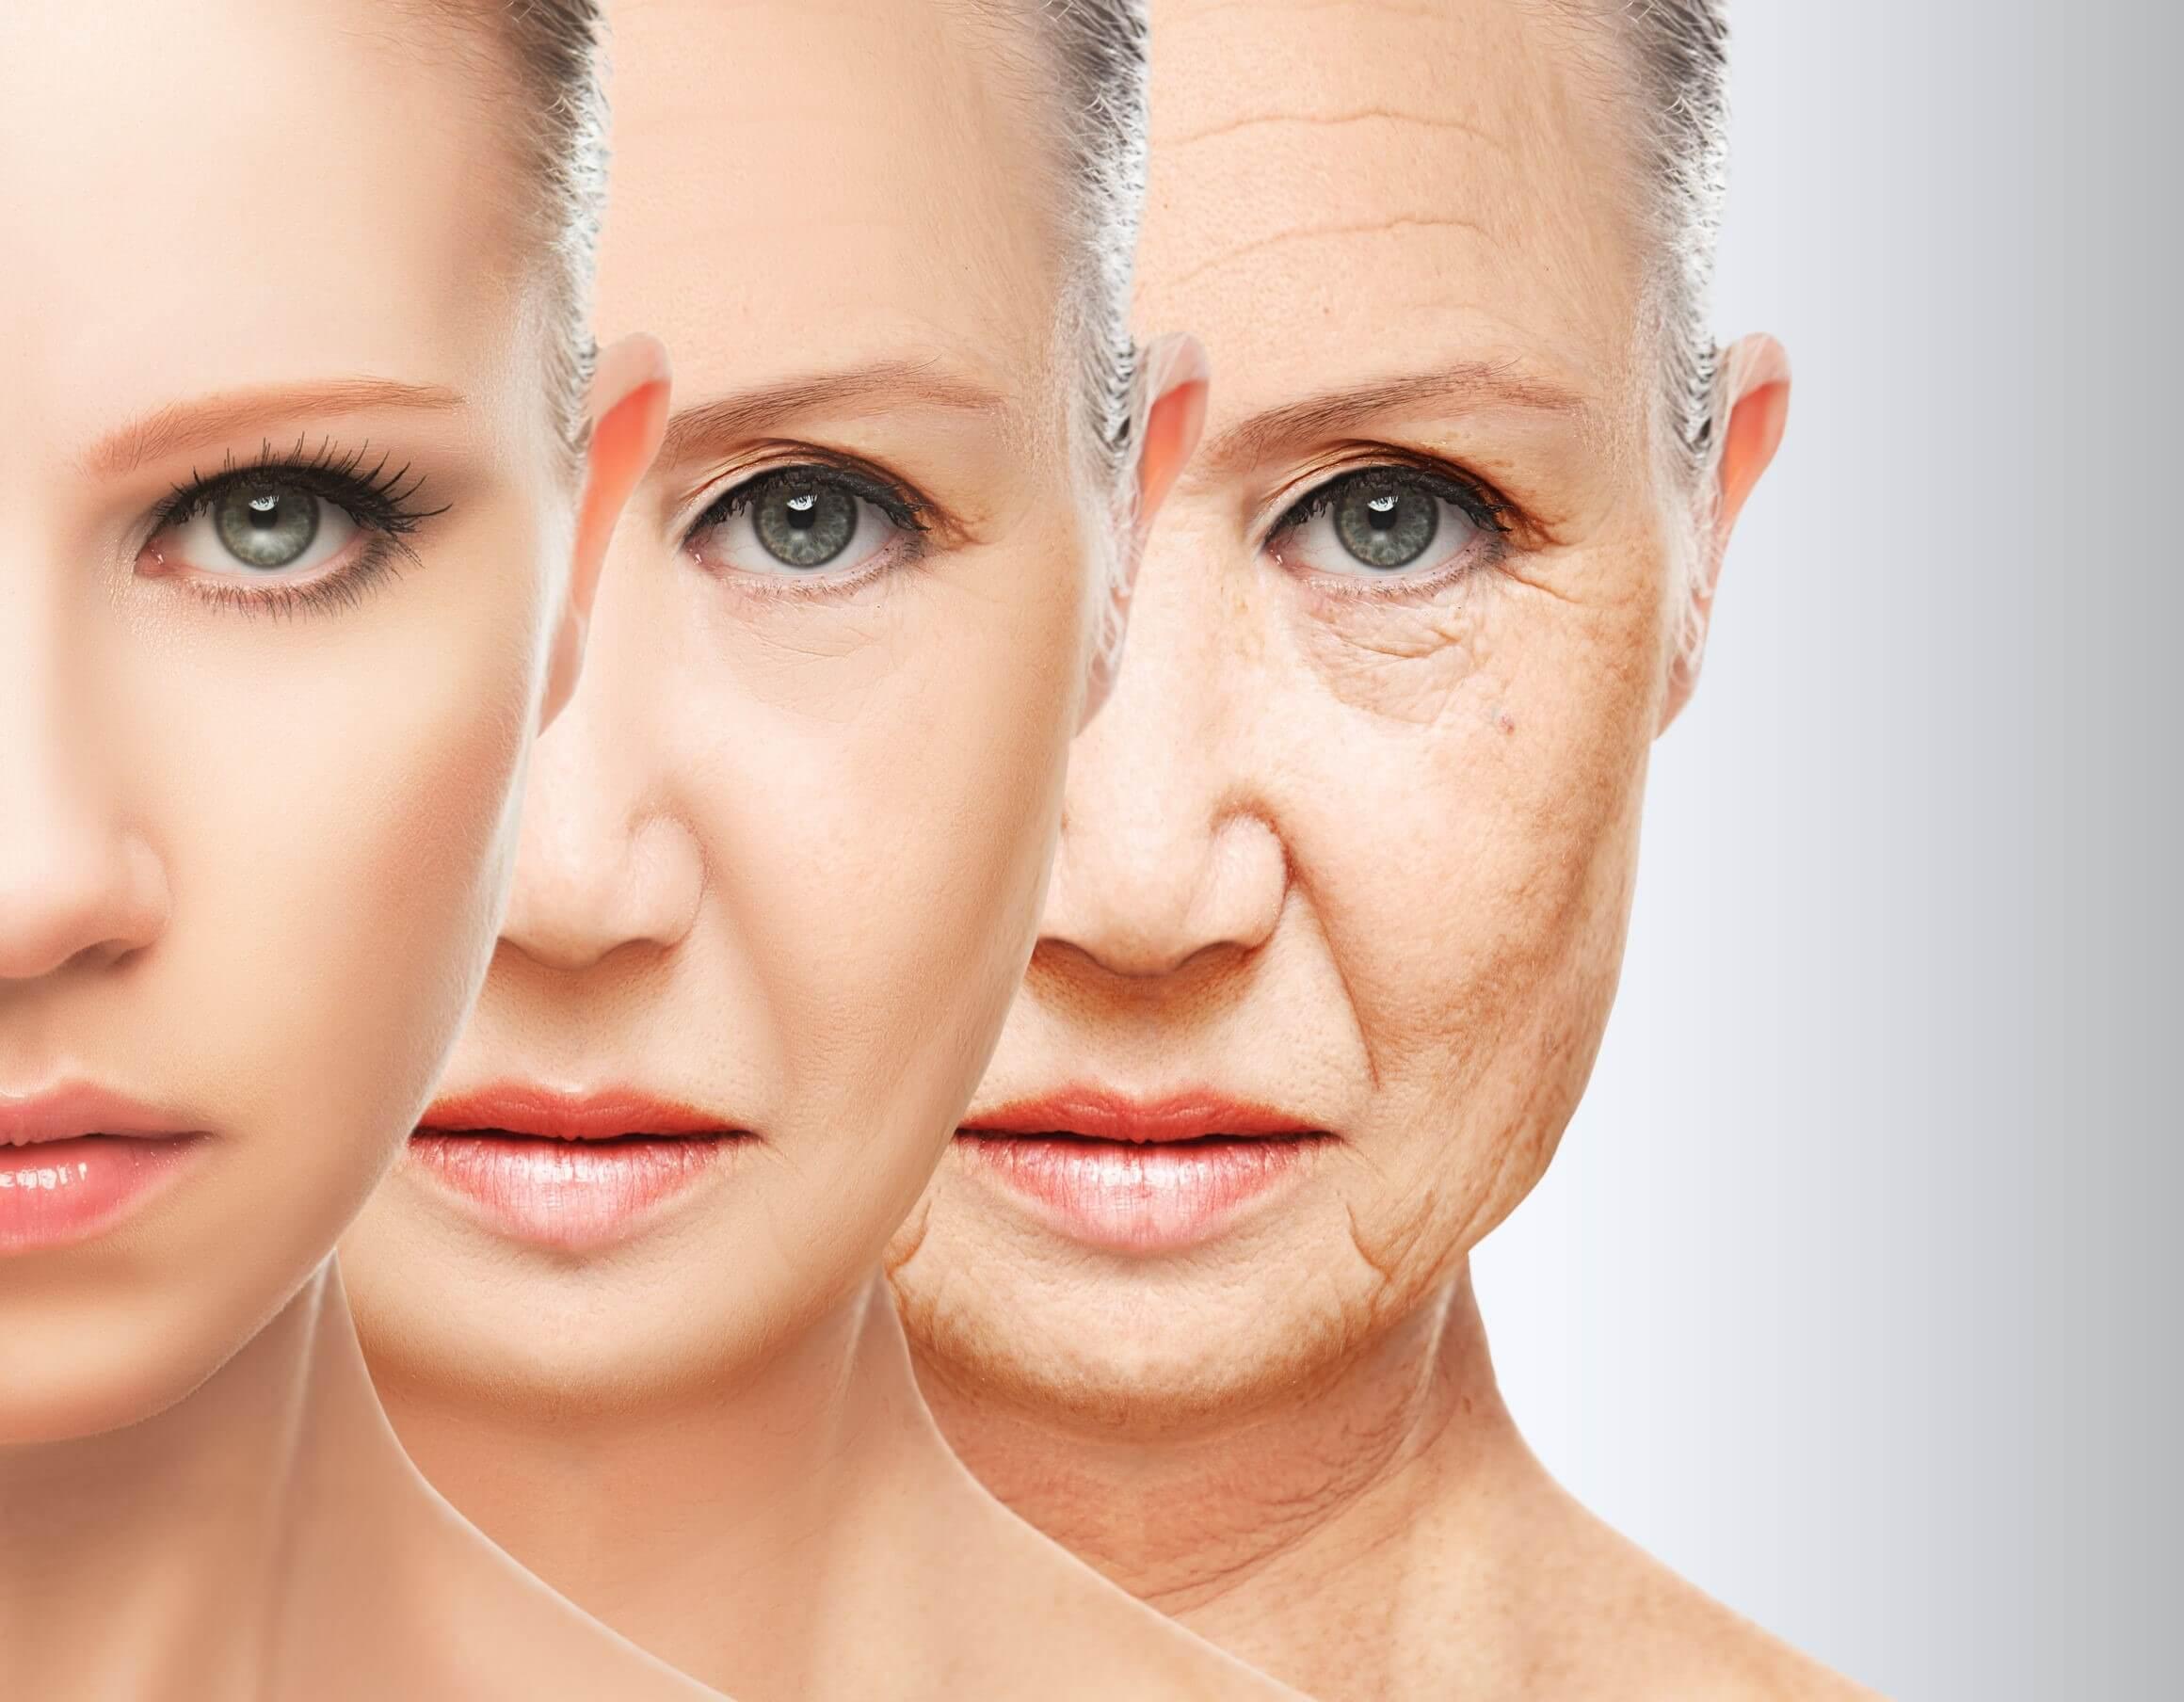 16 эффективных способов омоложения лица после 50 лет без операции